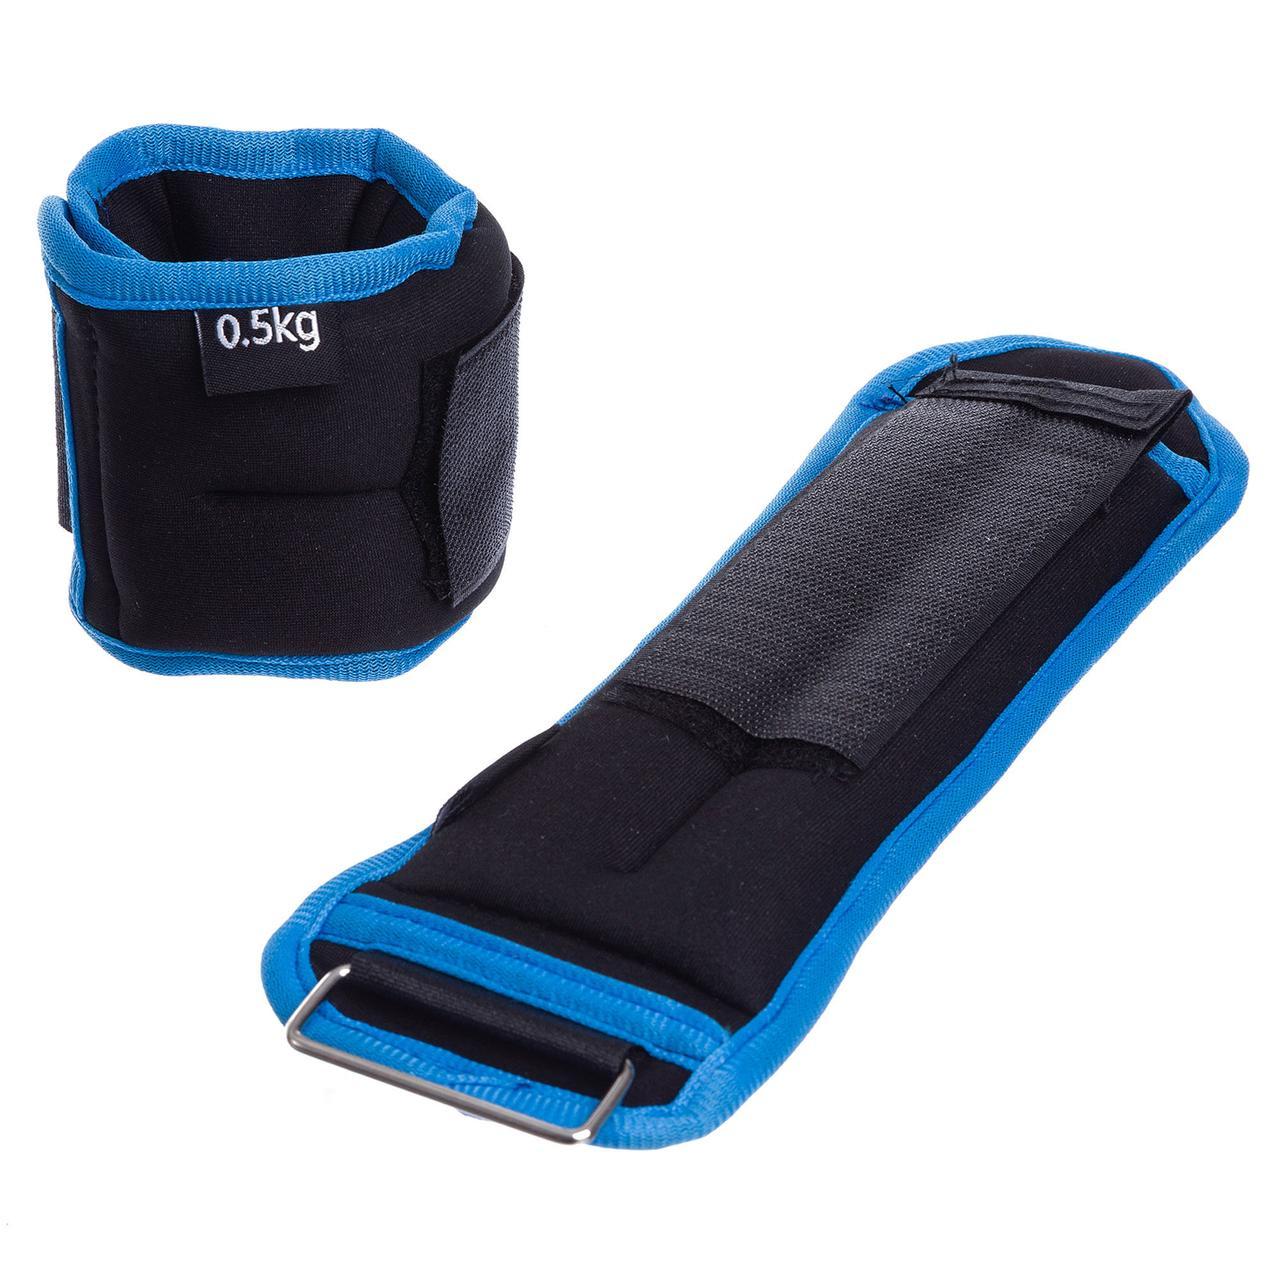 Обтяжувачі-манжети для рук і ніг FI-1302-1 (2 x 0,5 кг) (Чорний-синій)